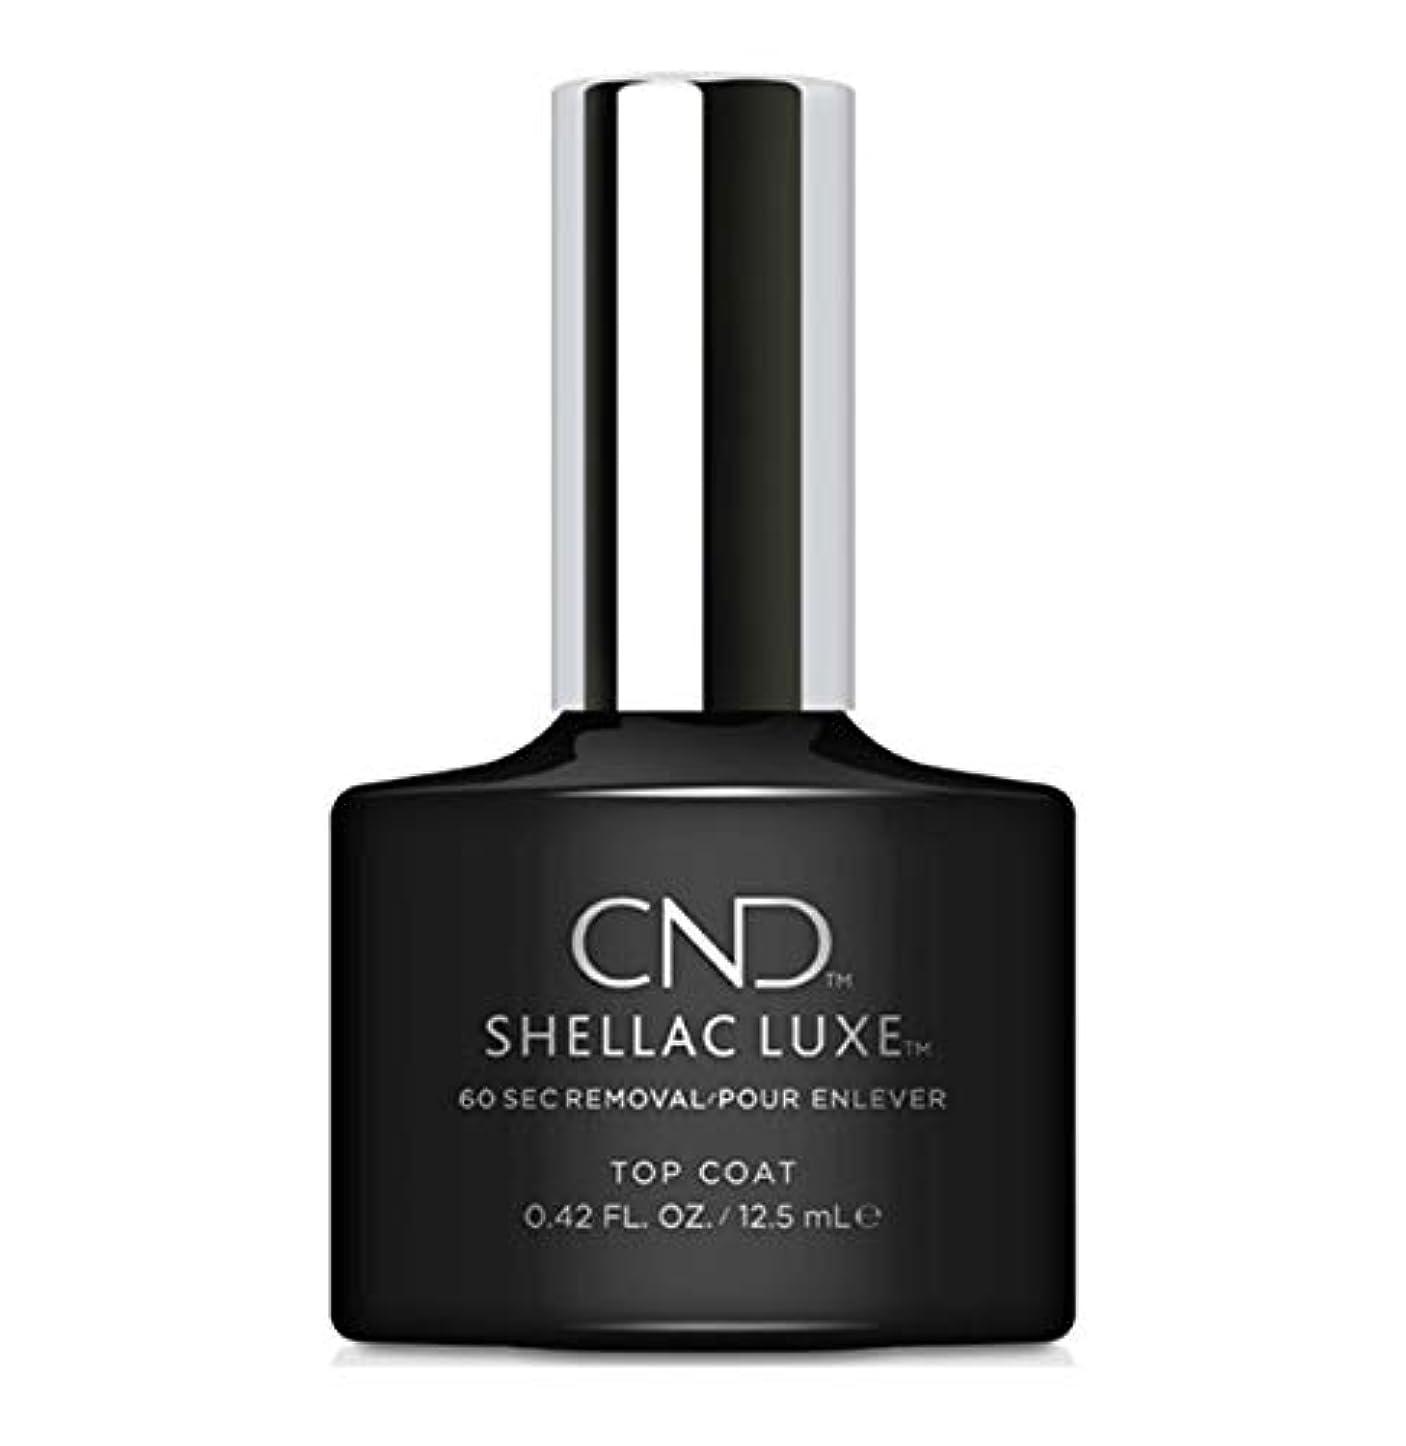 セールスマン反逆私たちCND Shellac Luxe - Top Coat - 12.5 ml / 0.42 oz